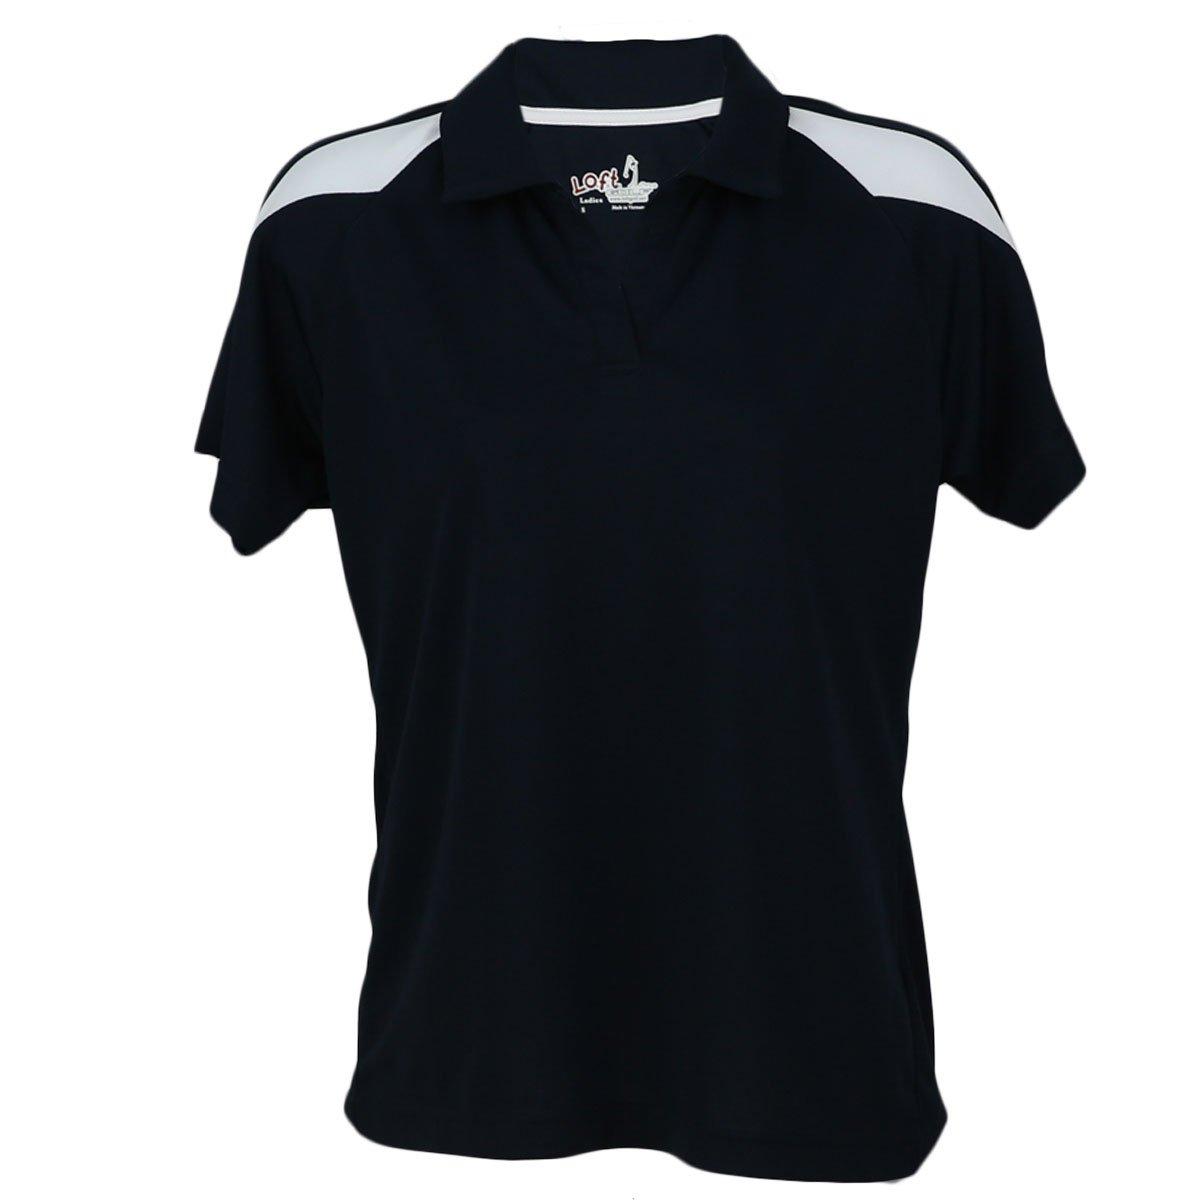 レディースポロシャツby l.o.f.t.ゴルフ – 快適、ソフト、吸湿発散性シャツ Medium ネイビー/ホワイト B013LSHCXK